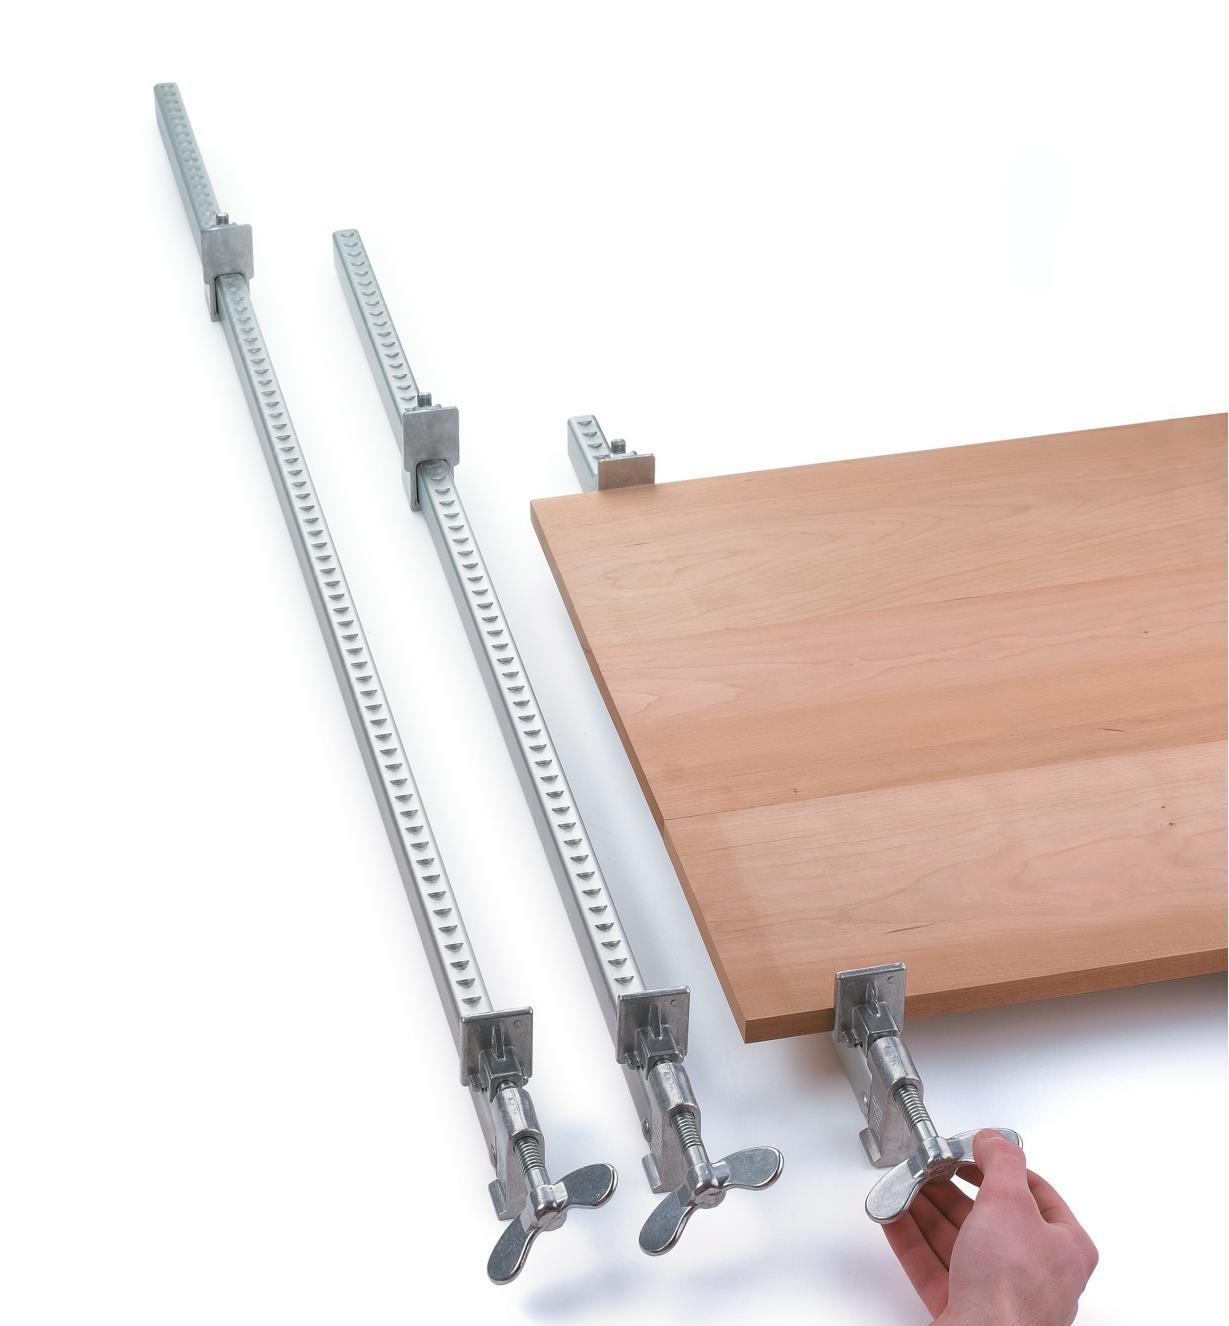 Dubuque Aluminum Bar Clamps